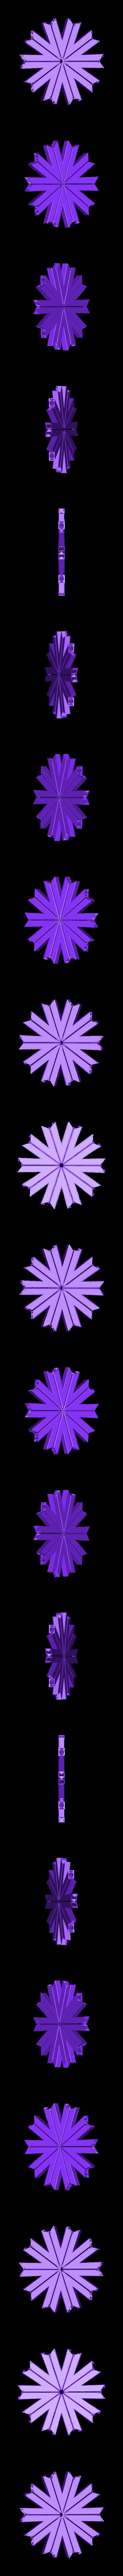 Vega_-_The_LED-lit_Christmas_Star__Build_plate_-_Polar_-_10pcs_.stl Download free STL file Vega - The LED-lit Christmas Star • 3D print model, CreativeTools